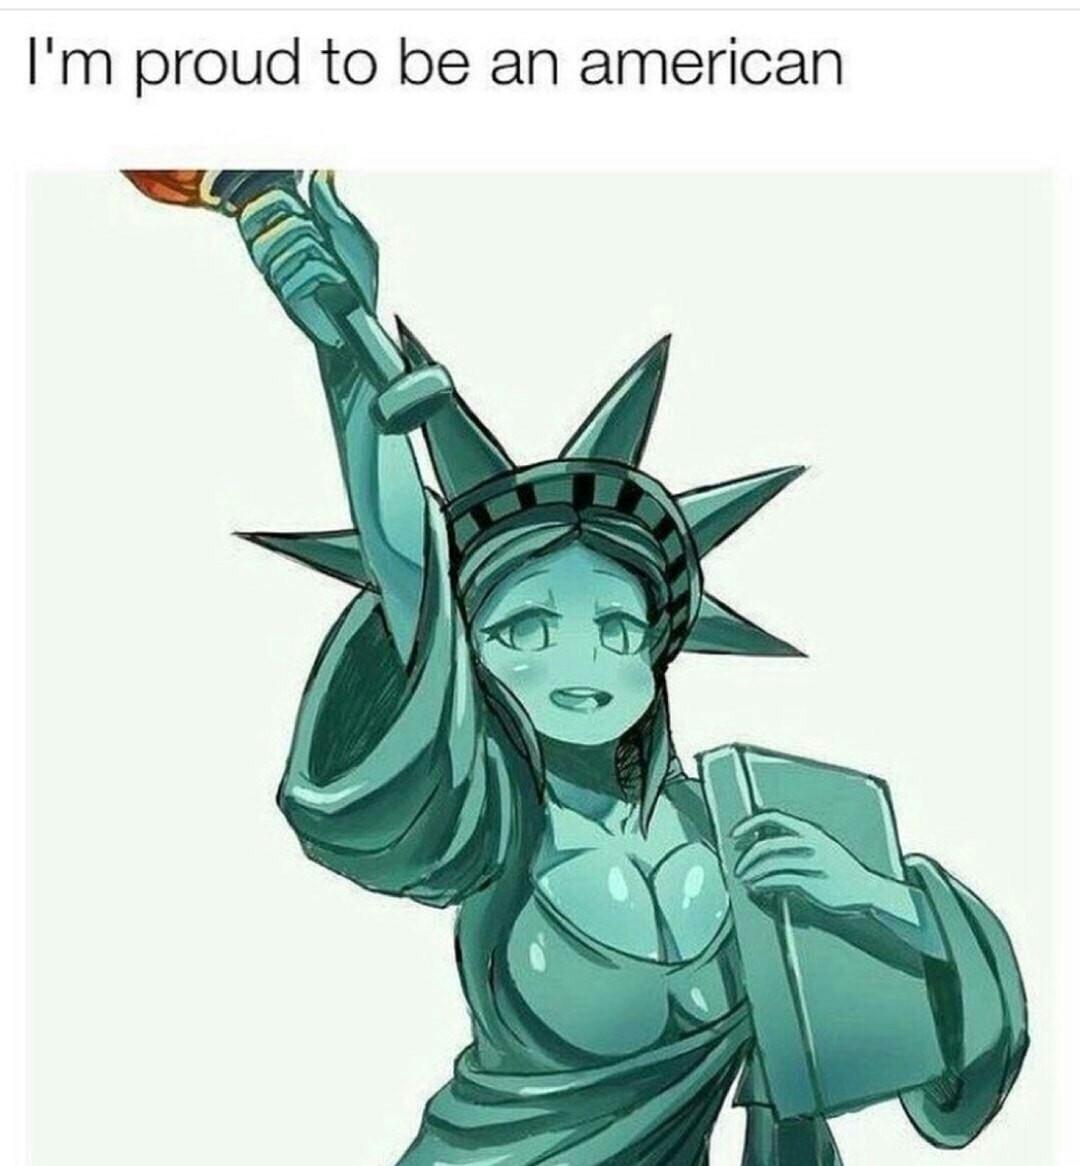 So am I - meme